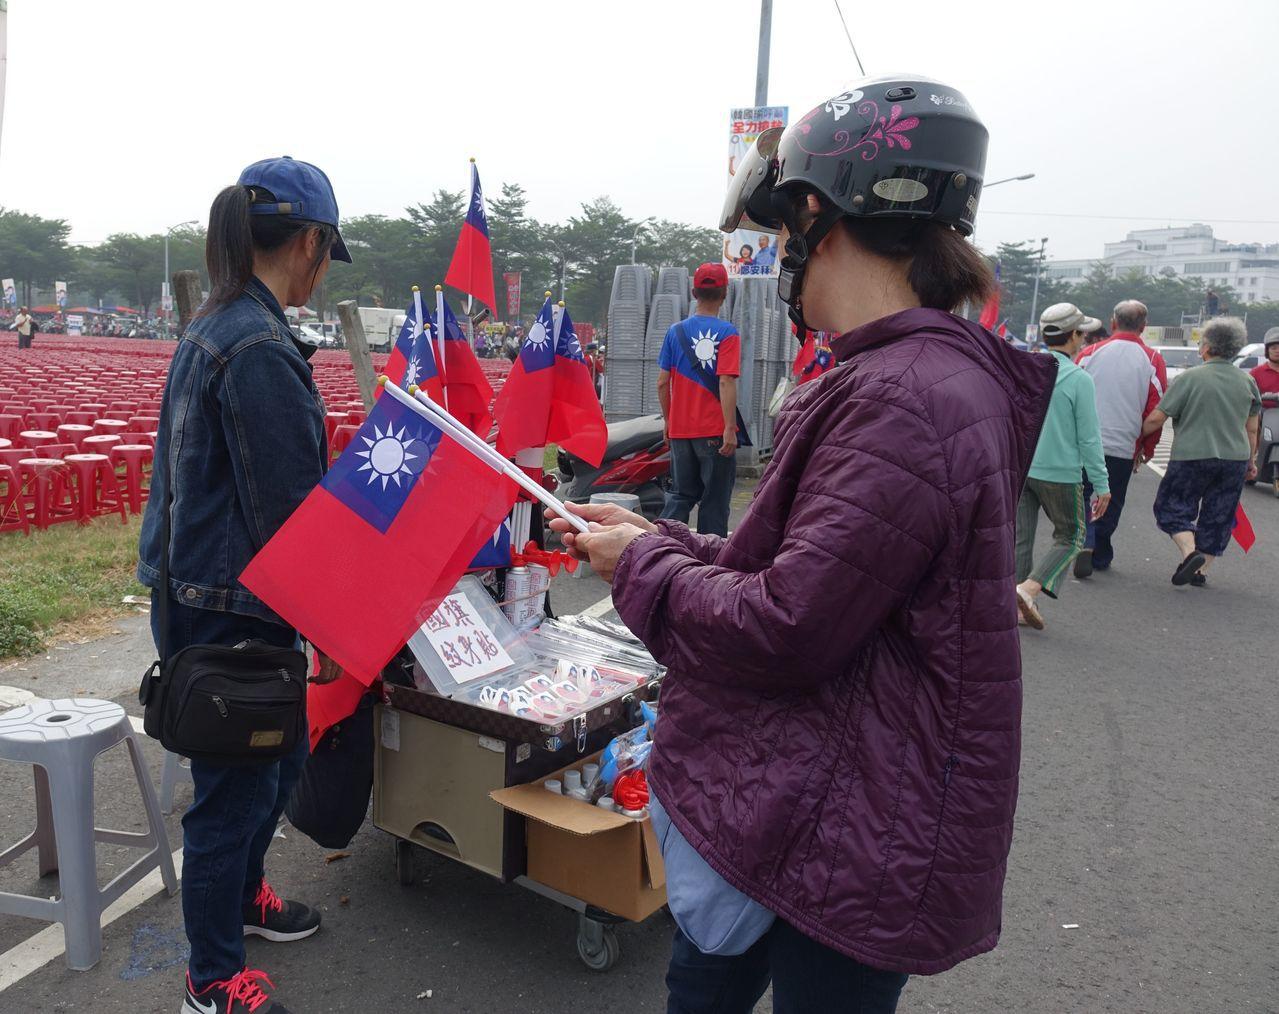 國民黨高雄市長候選人韓國瑜多場造勢,帶起小國旗生意。記者楊濡嘉/攝影